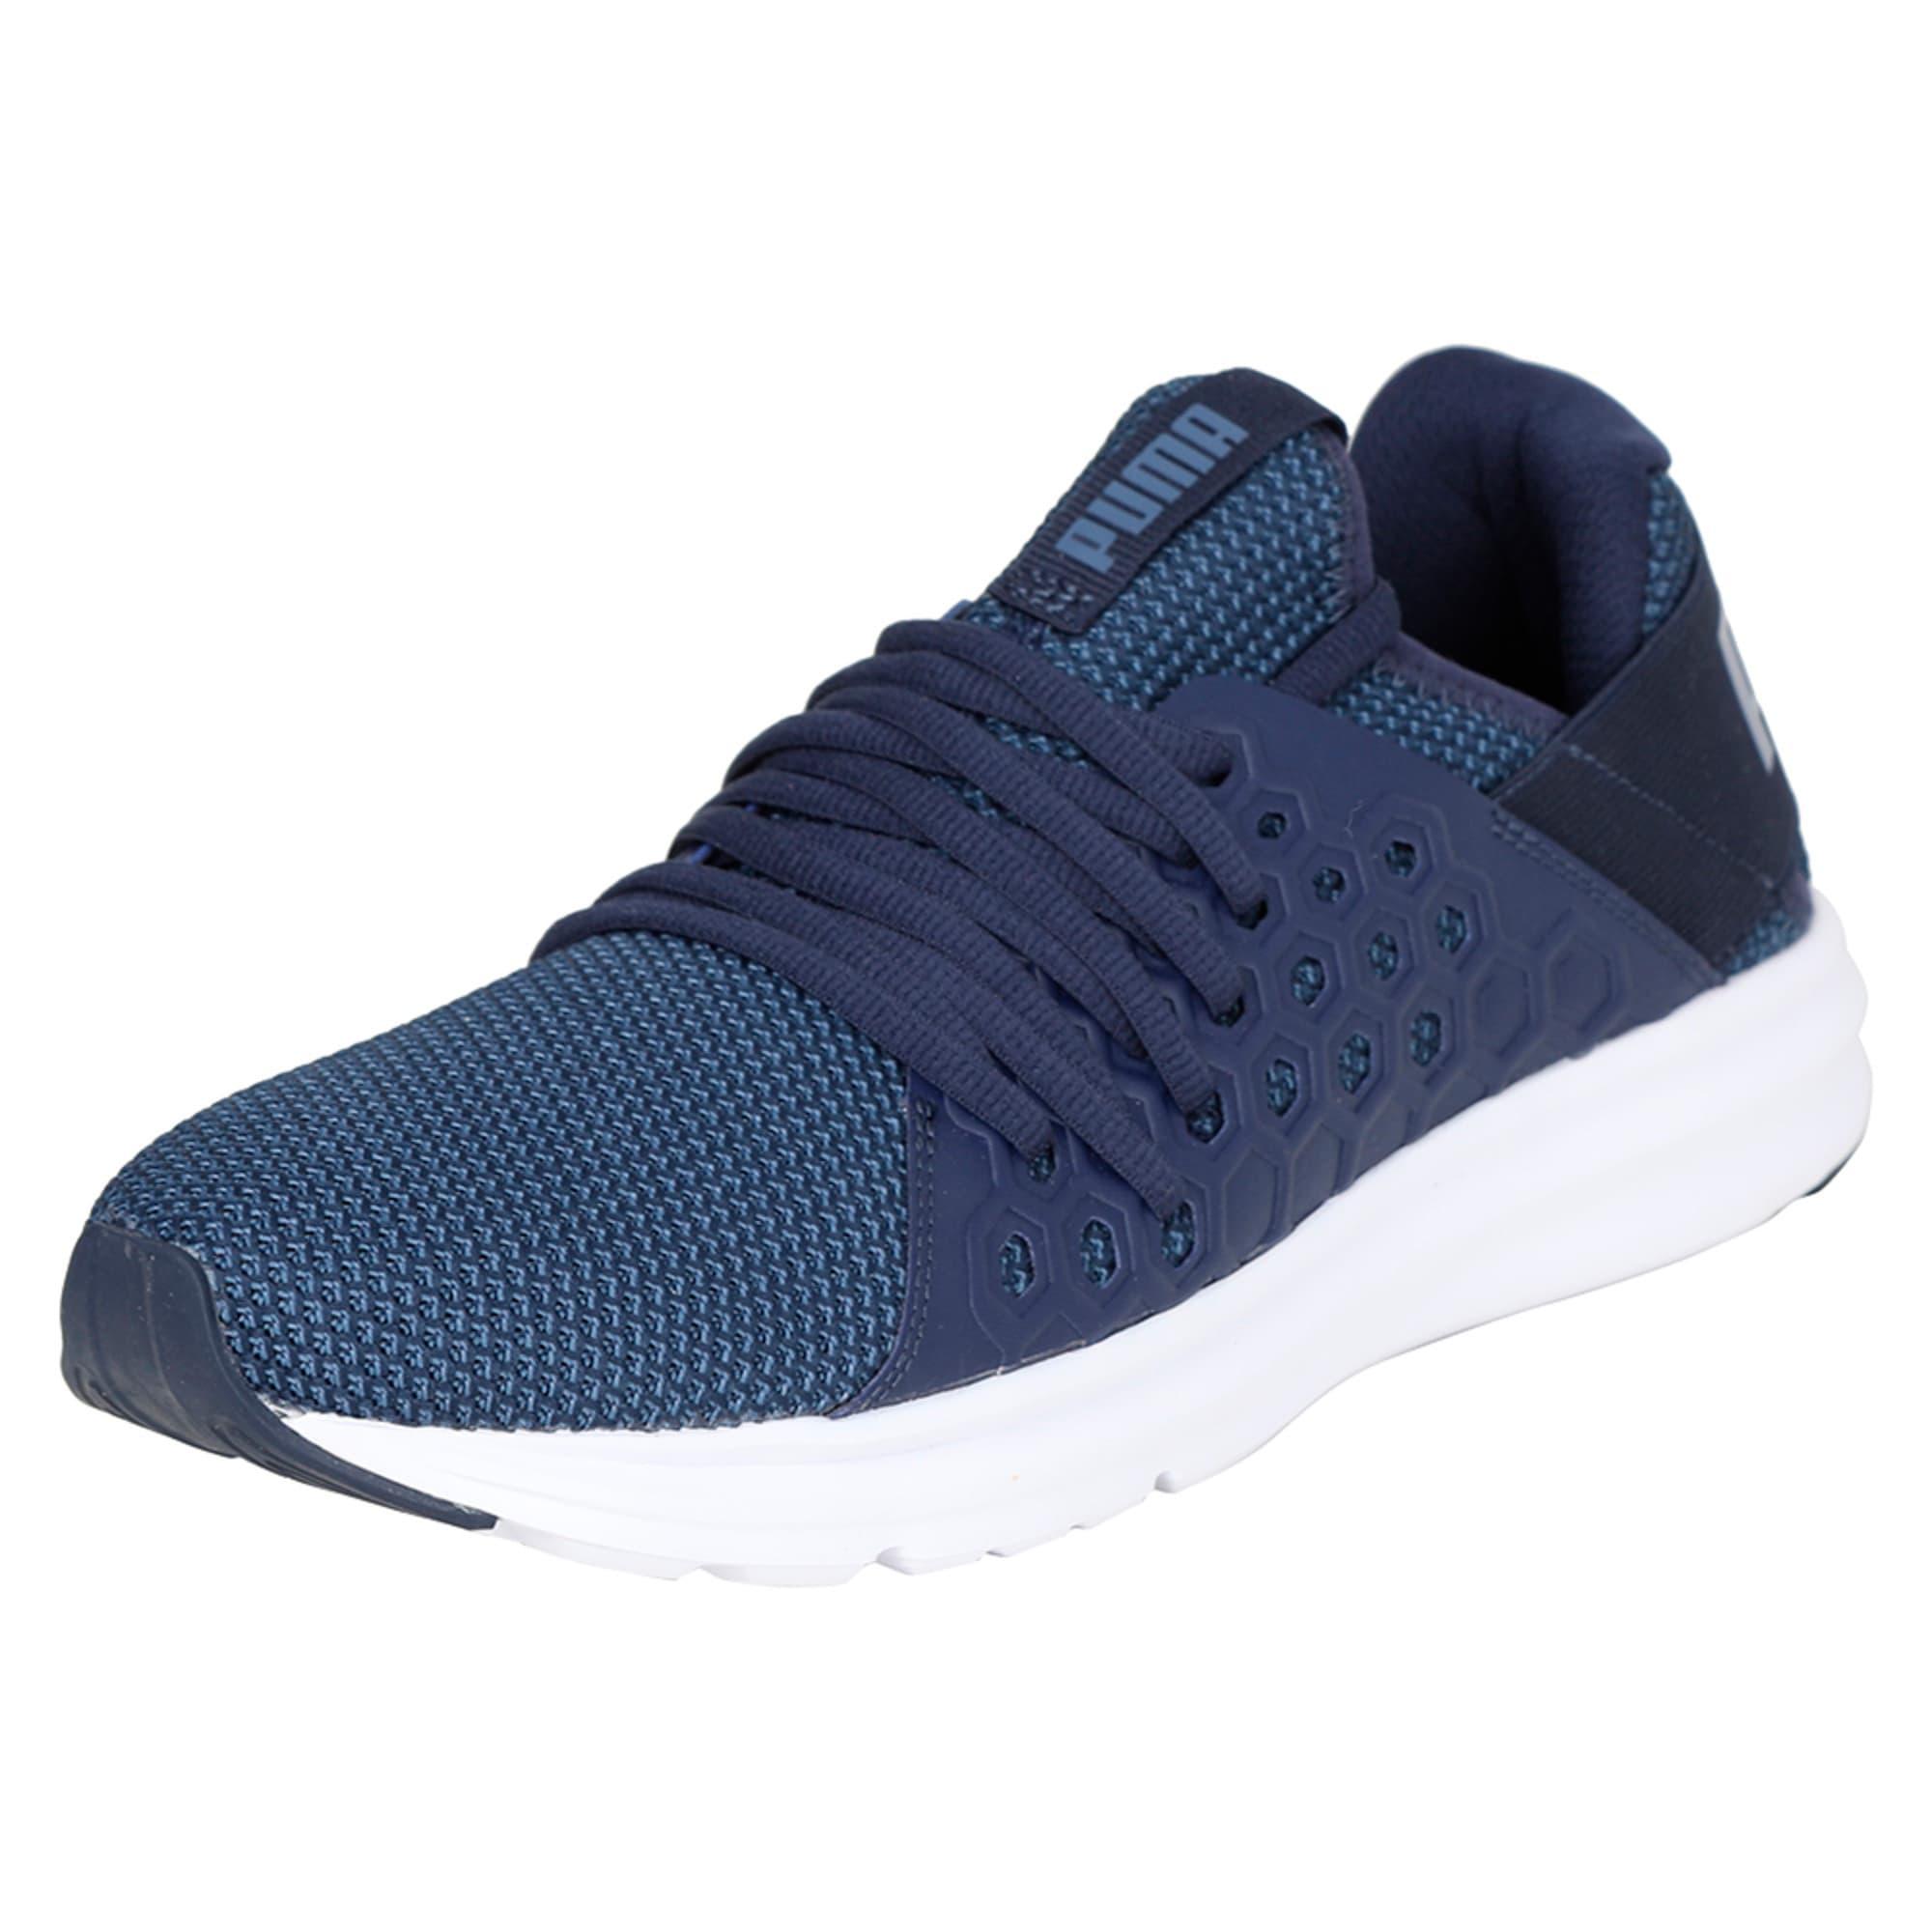 Thumbnail 1 of Enzo NETFIT Men's Training Shoes, Peacoat-Blue Indigo, medium-IND